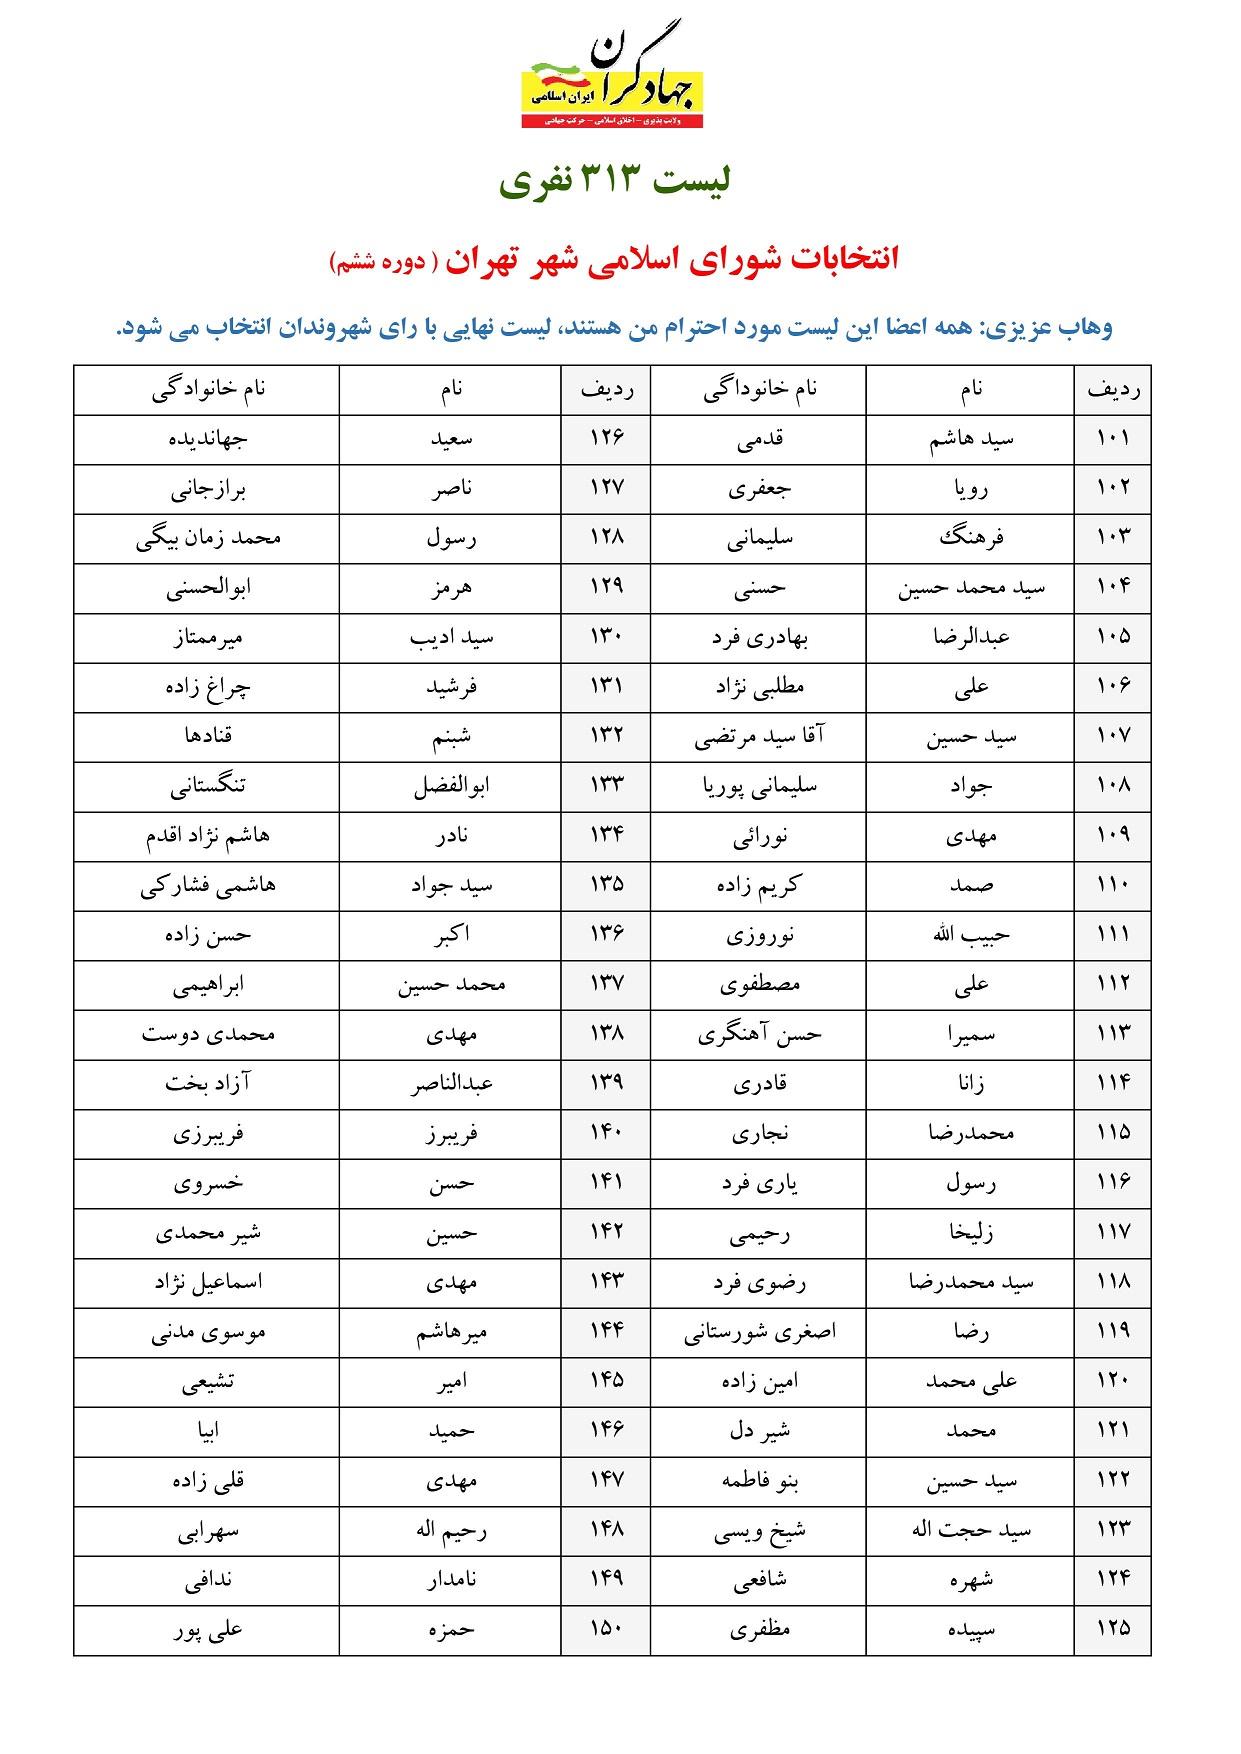 لیست شورای شهر جهادگران ایران اسلامی